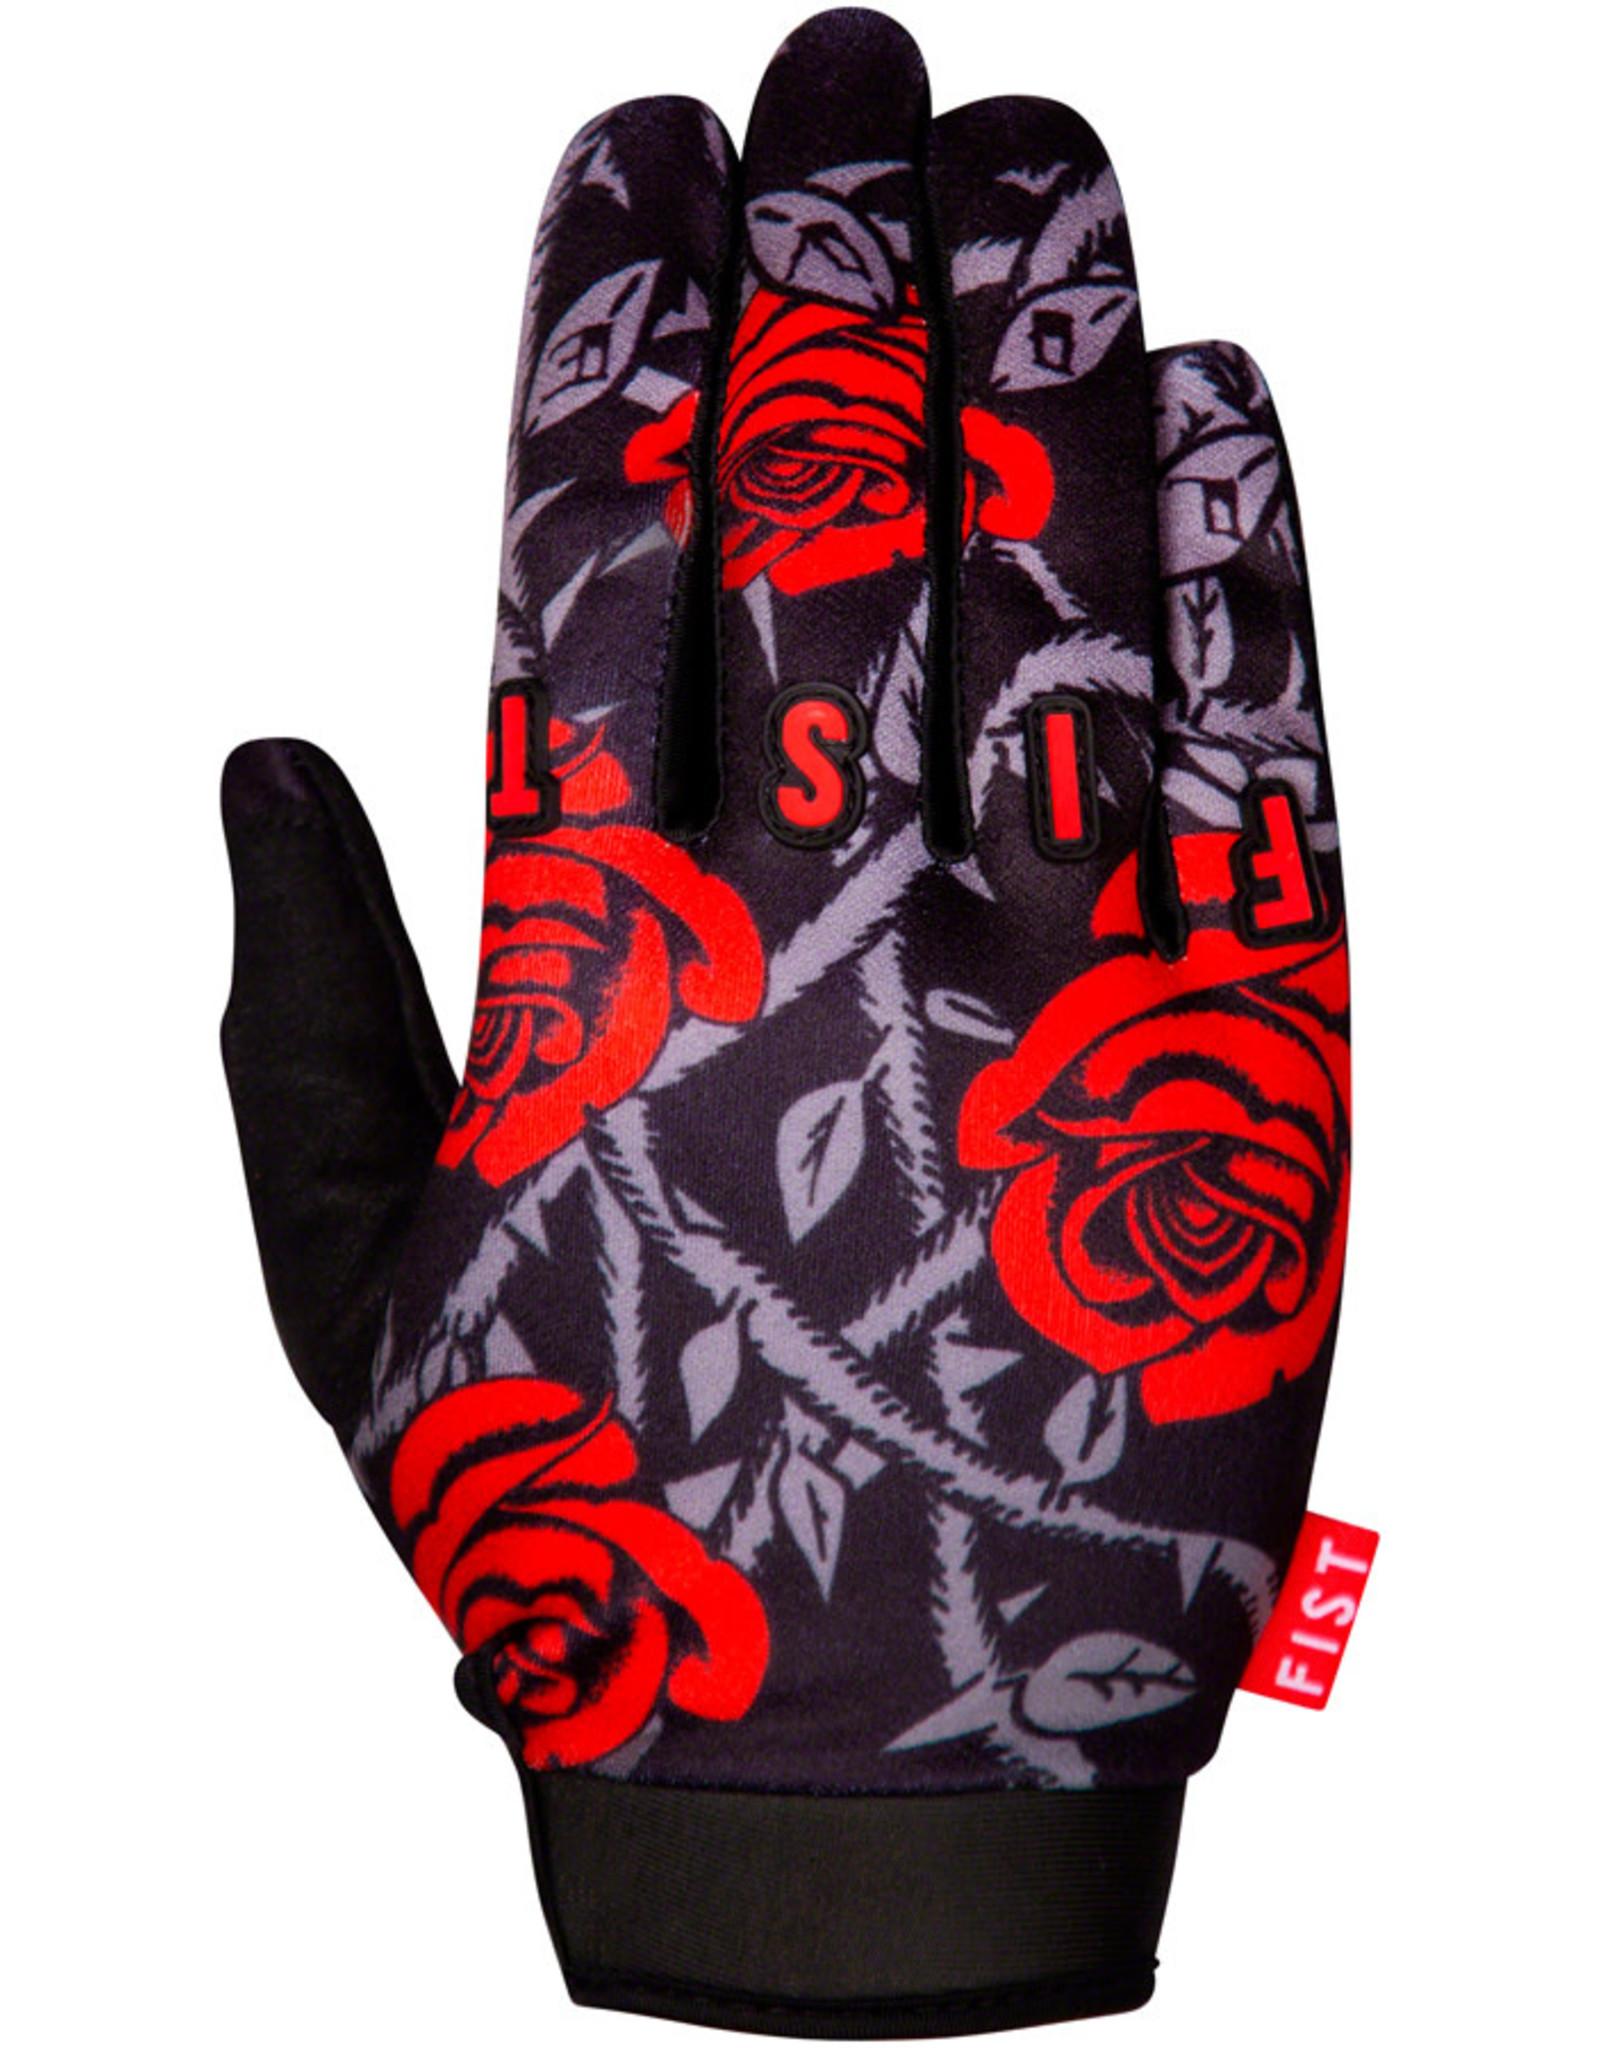 Fist Handwear Fist Handwear Matty Whyatt Roses Thorns Gloves